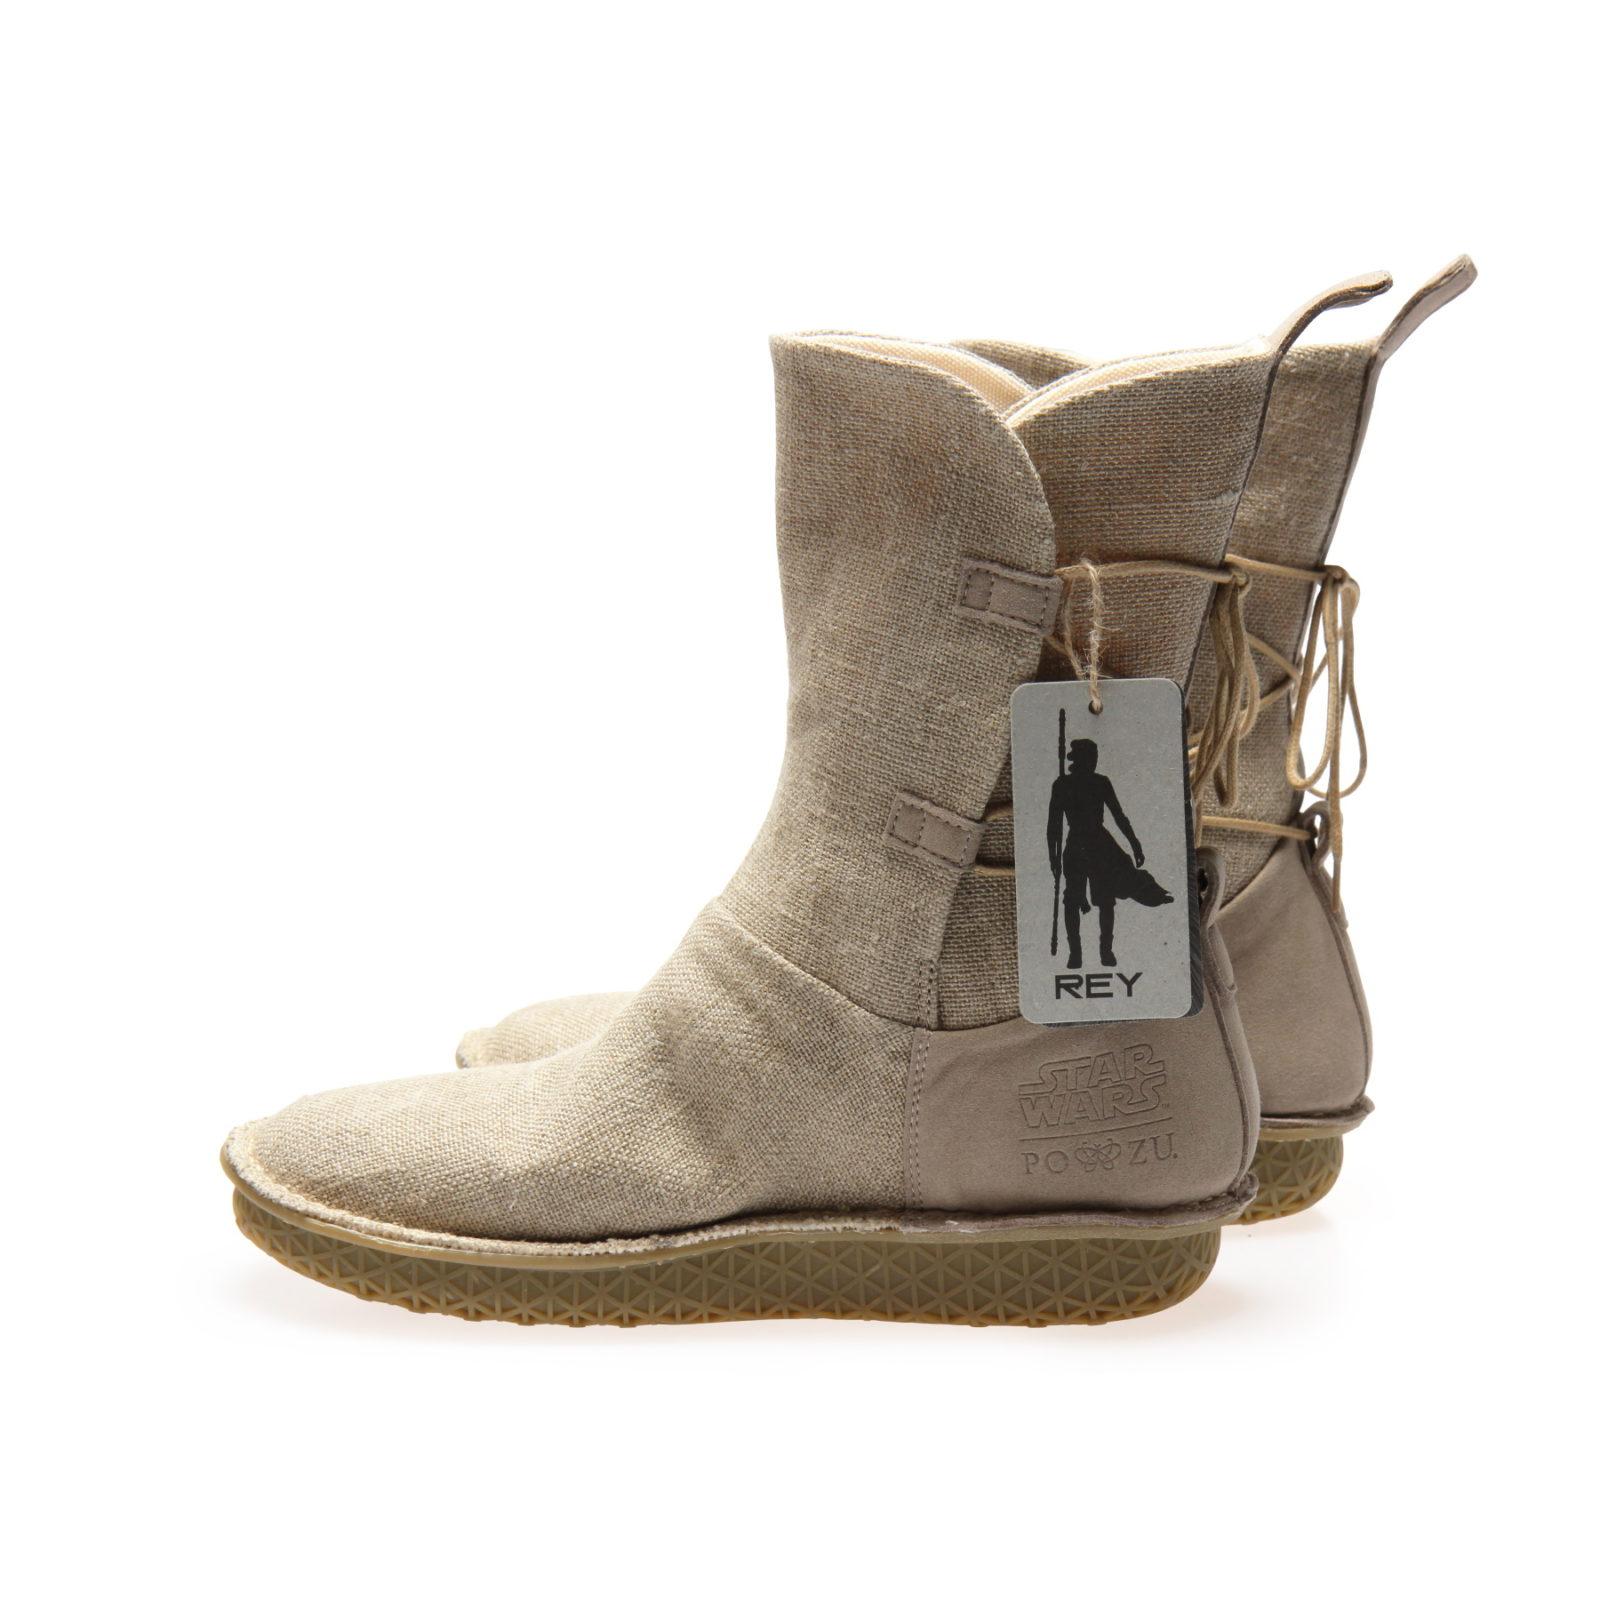 Po-Zu x Star Wars The Rise Of Skywalker Rey Natural Linen Boots